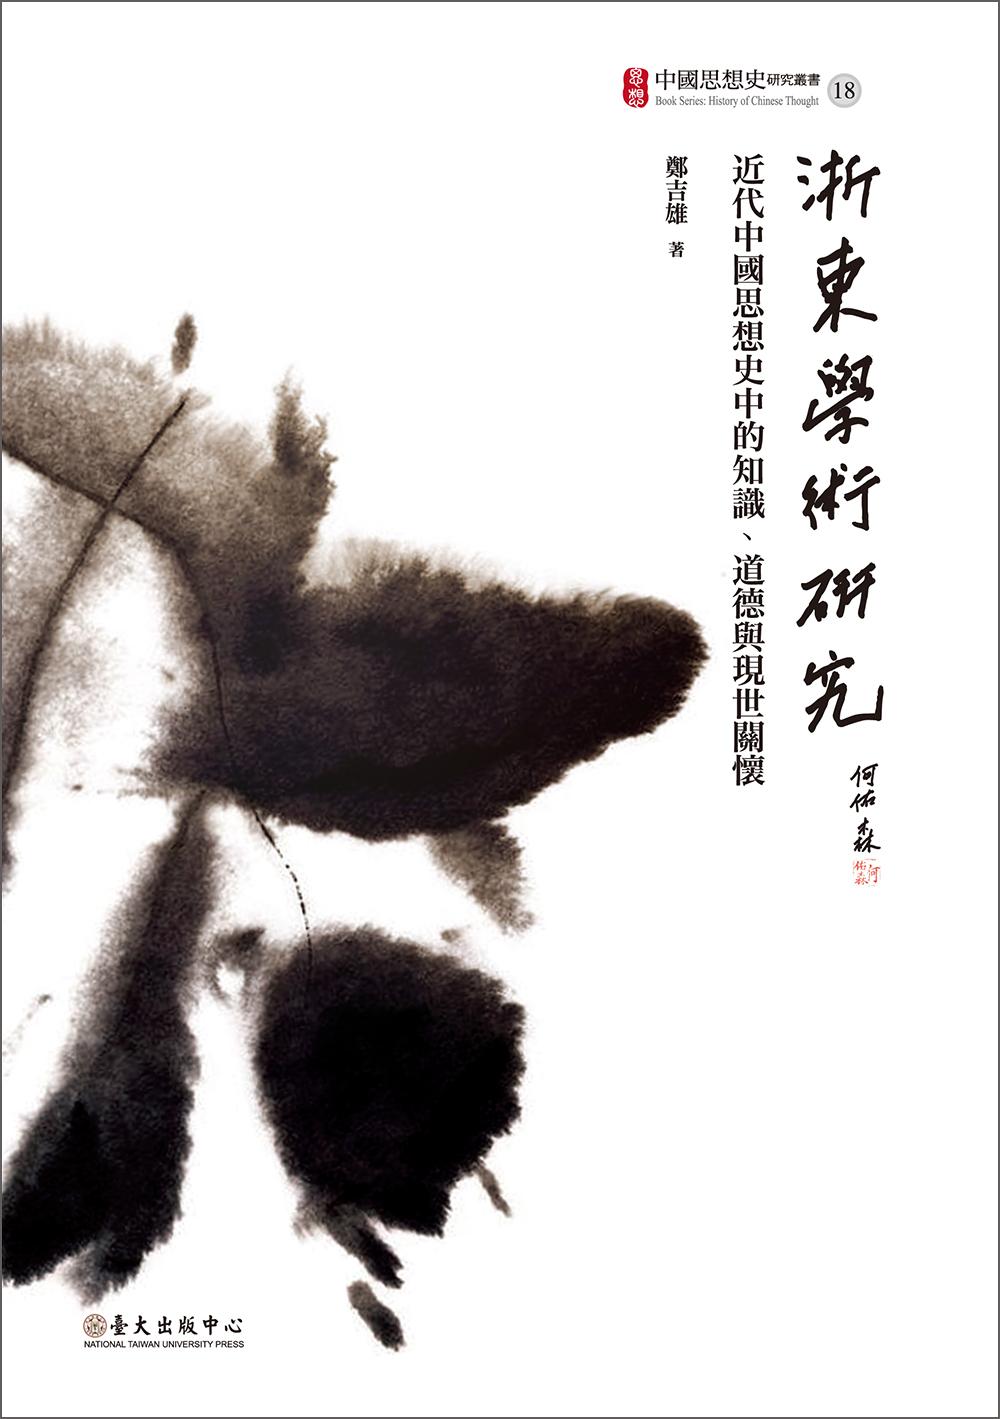 浙東學術研究──近代中國思想史中的知識、道德與現世關懷